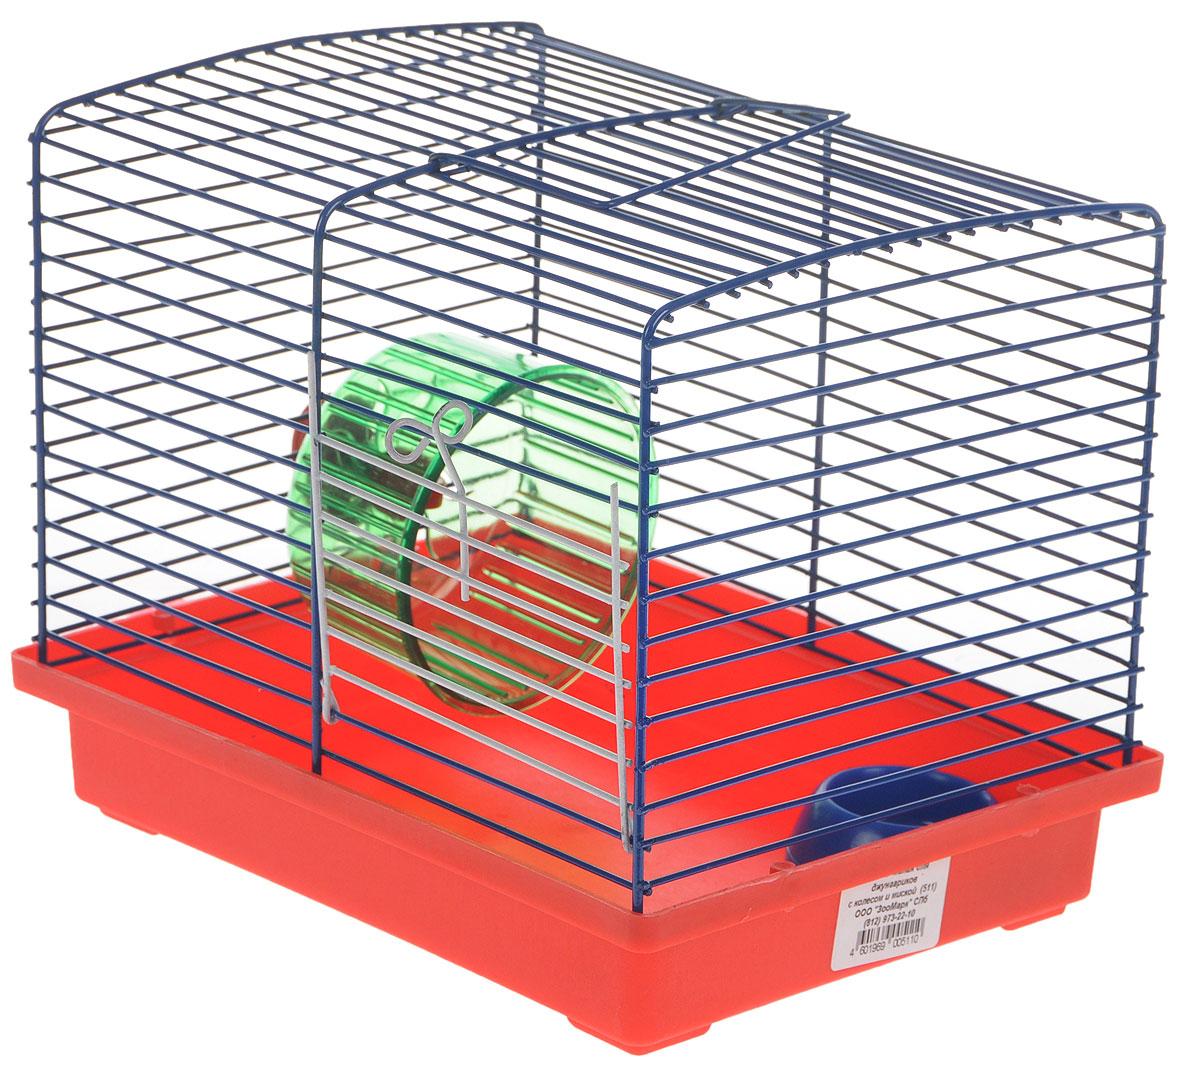 Клетка для джунгариков ЗооМарк, с колесом и миской, цвет: красный поддон, синяя решетка, 23 х 18 х 19 см0120710Клетка ЗооМарк, выполненная из пластика и металла, подходит для мелких грызунов. Изделие оборудовано колесом для подвижных игр и пластиковой миской. Клетка имеет яркий поддон, удобна в использовании и легко чистится. Сверху имеется ручка для переноски. Такая клетка станет личным пространством и уютным домиком для маленького грызуна.Комплектация: - клетка с поддоном;- миска;- колесо.